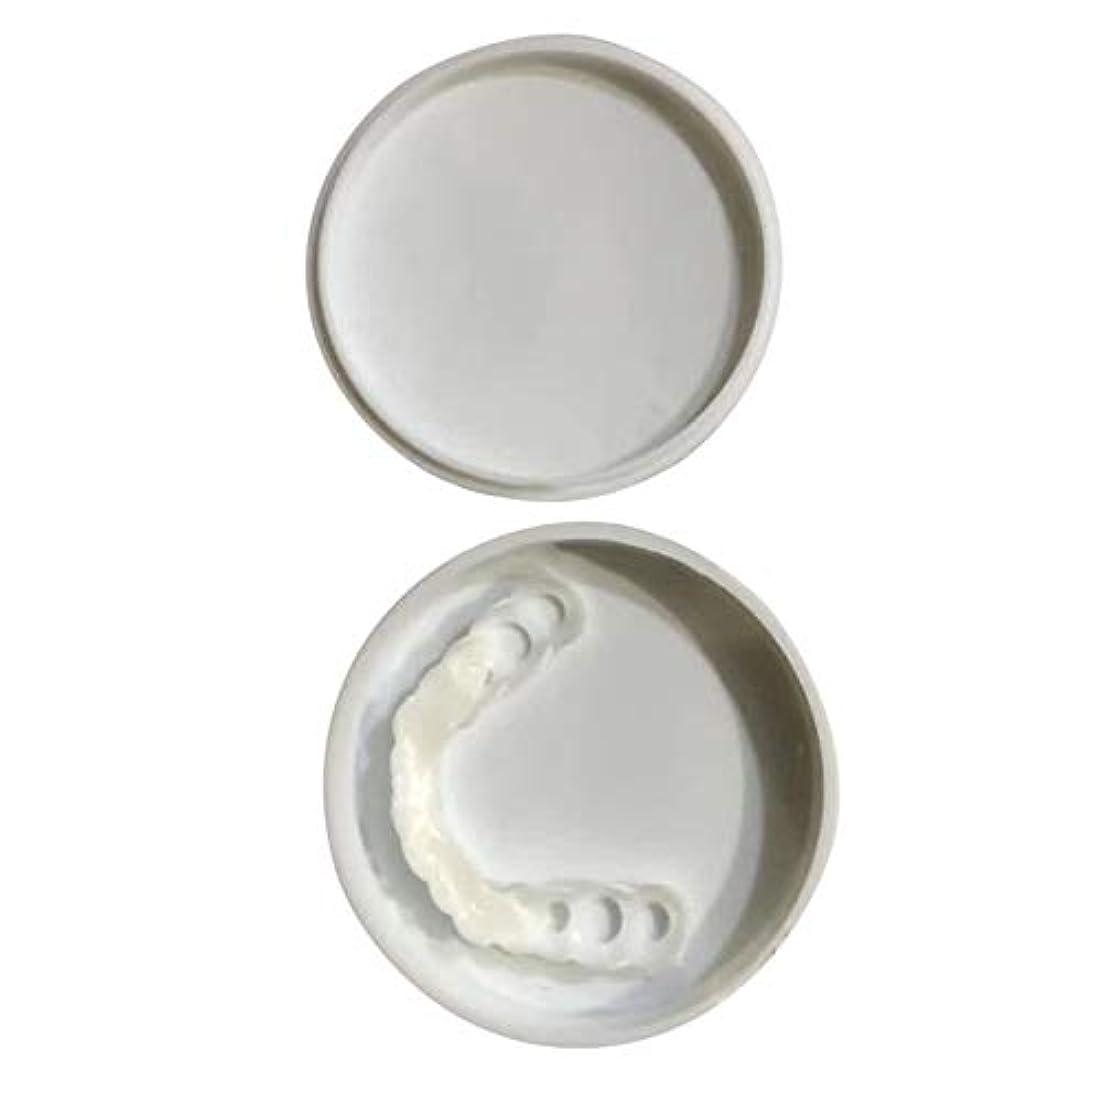 次パリティ繁栄する快適なスナップオン男性女性歯インスタントパーフェクトスマイルコンフォートフィットフレックス歯フィットホワイトニング笑顔偽歯カバー - ホワイト